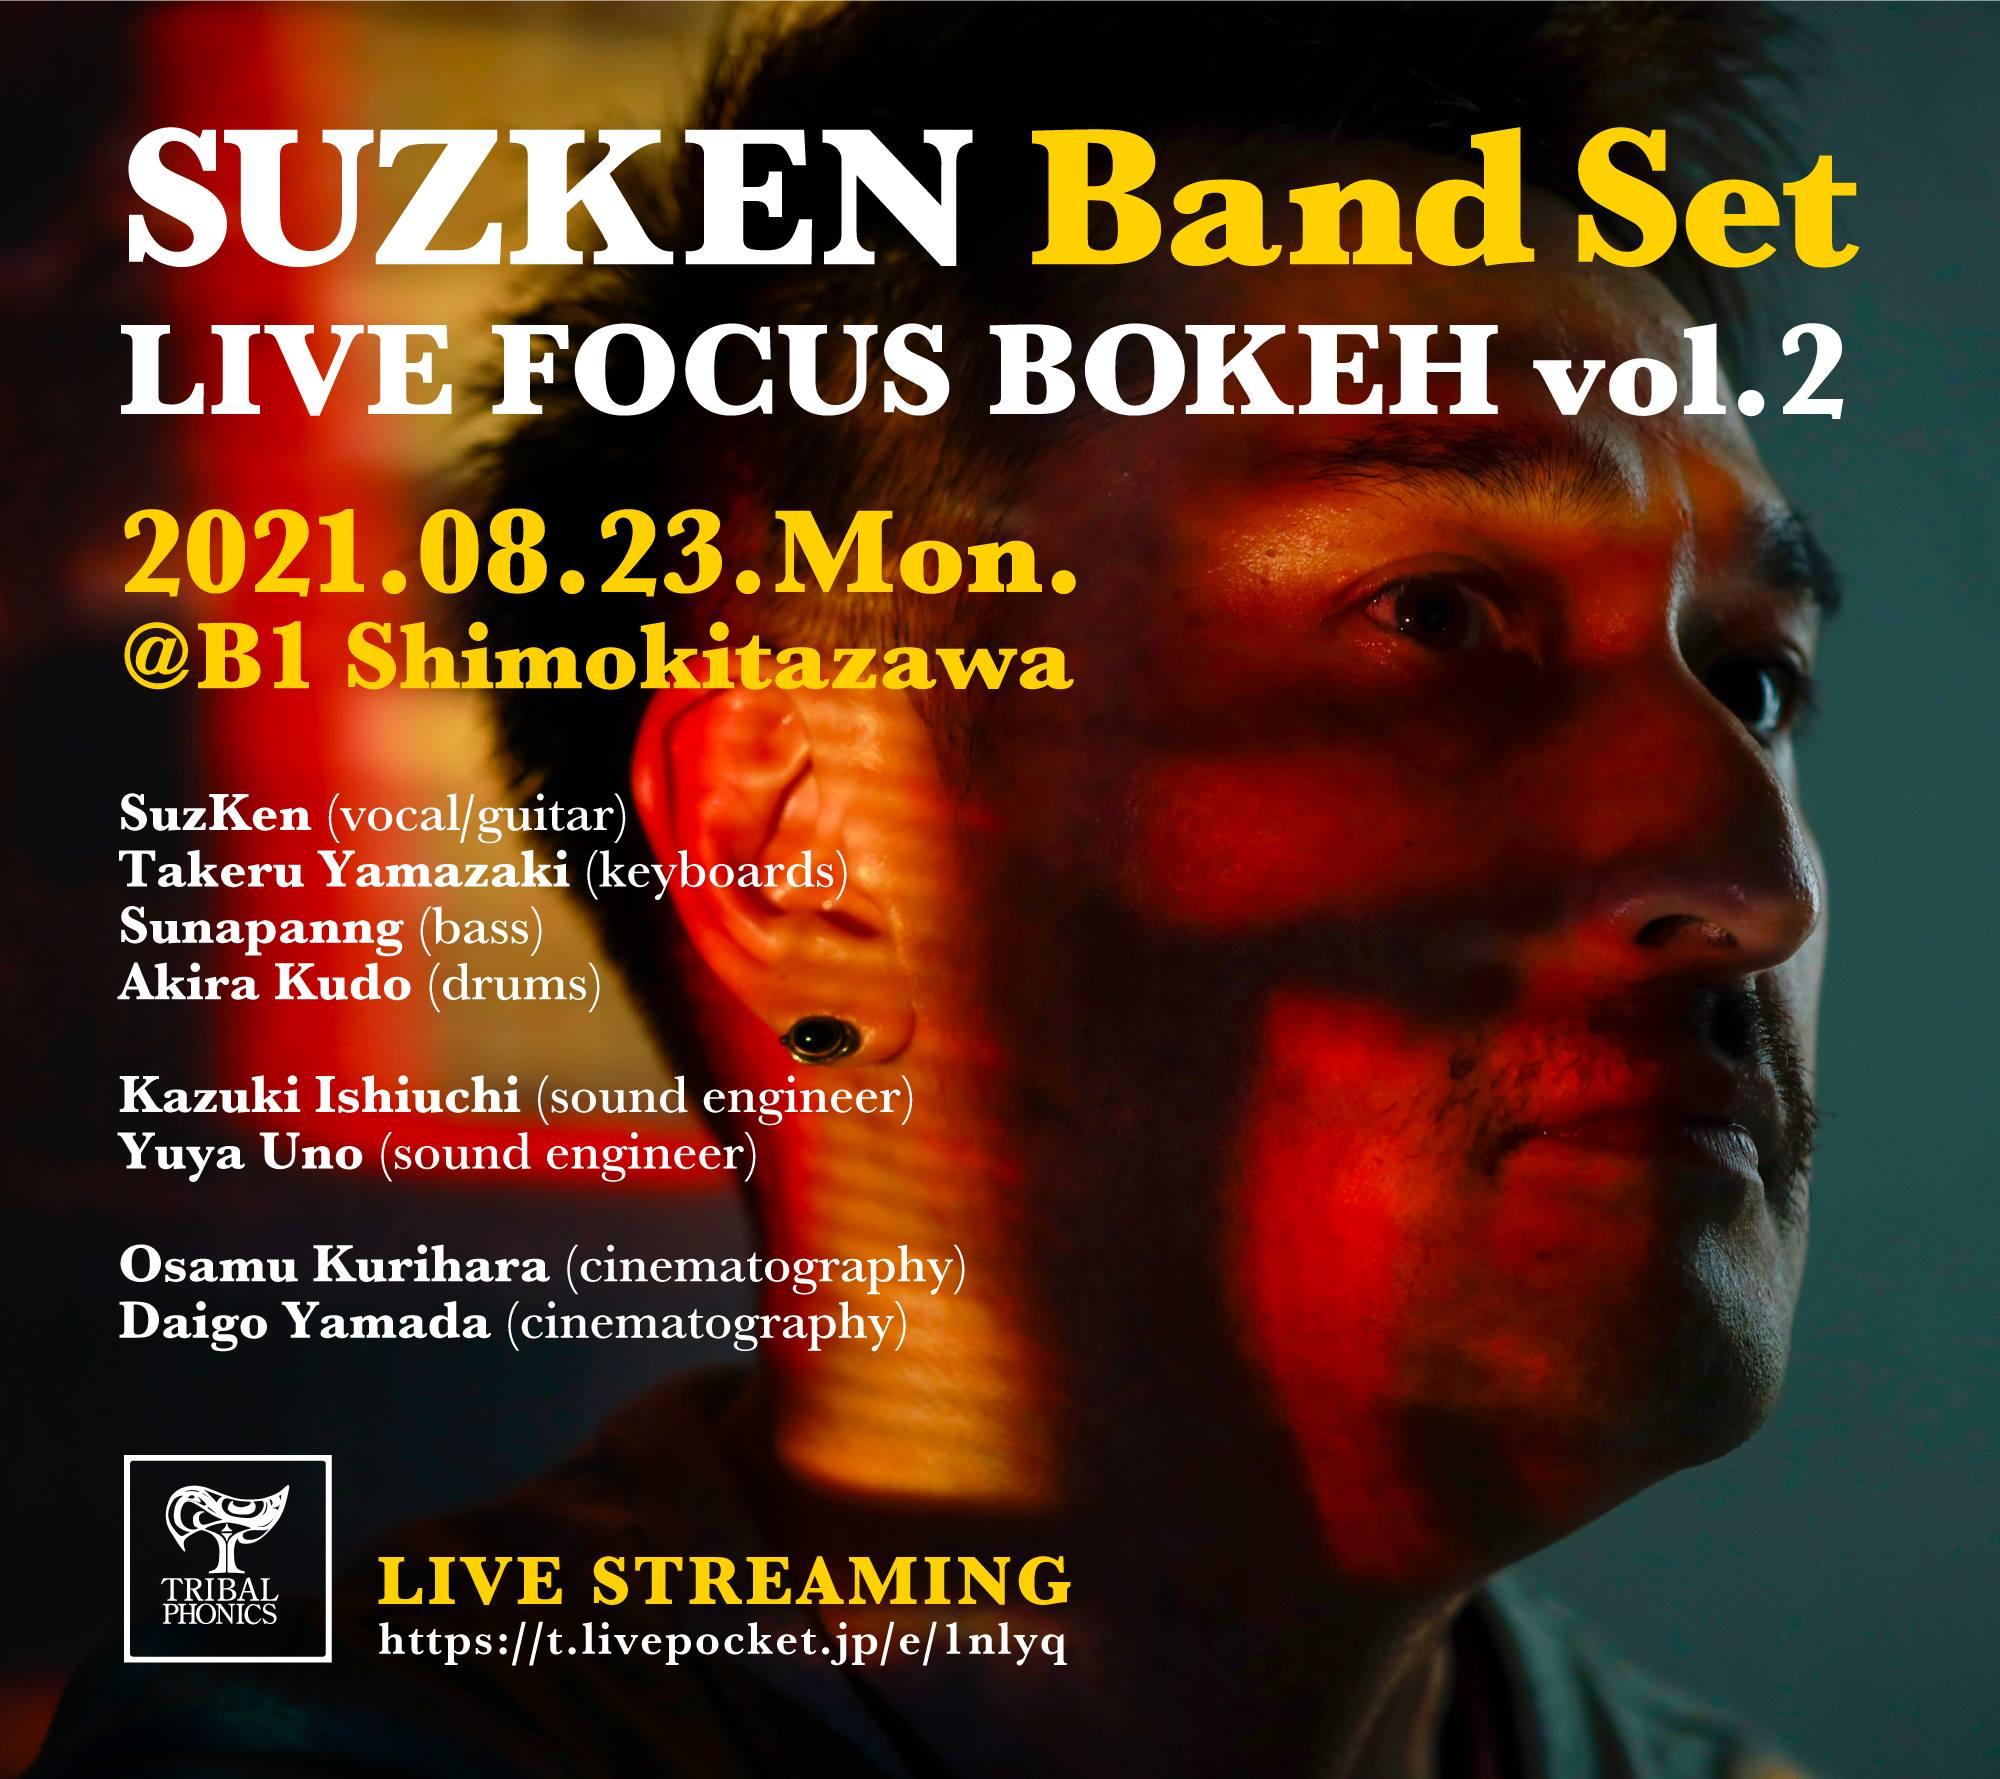 LIVE FOCUS BOKEH vol.2